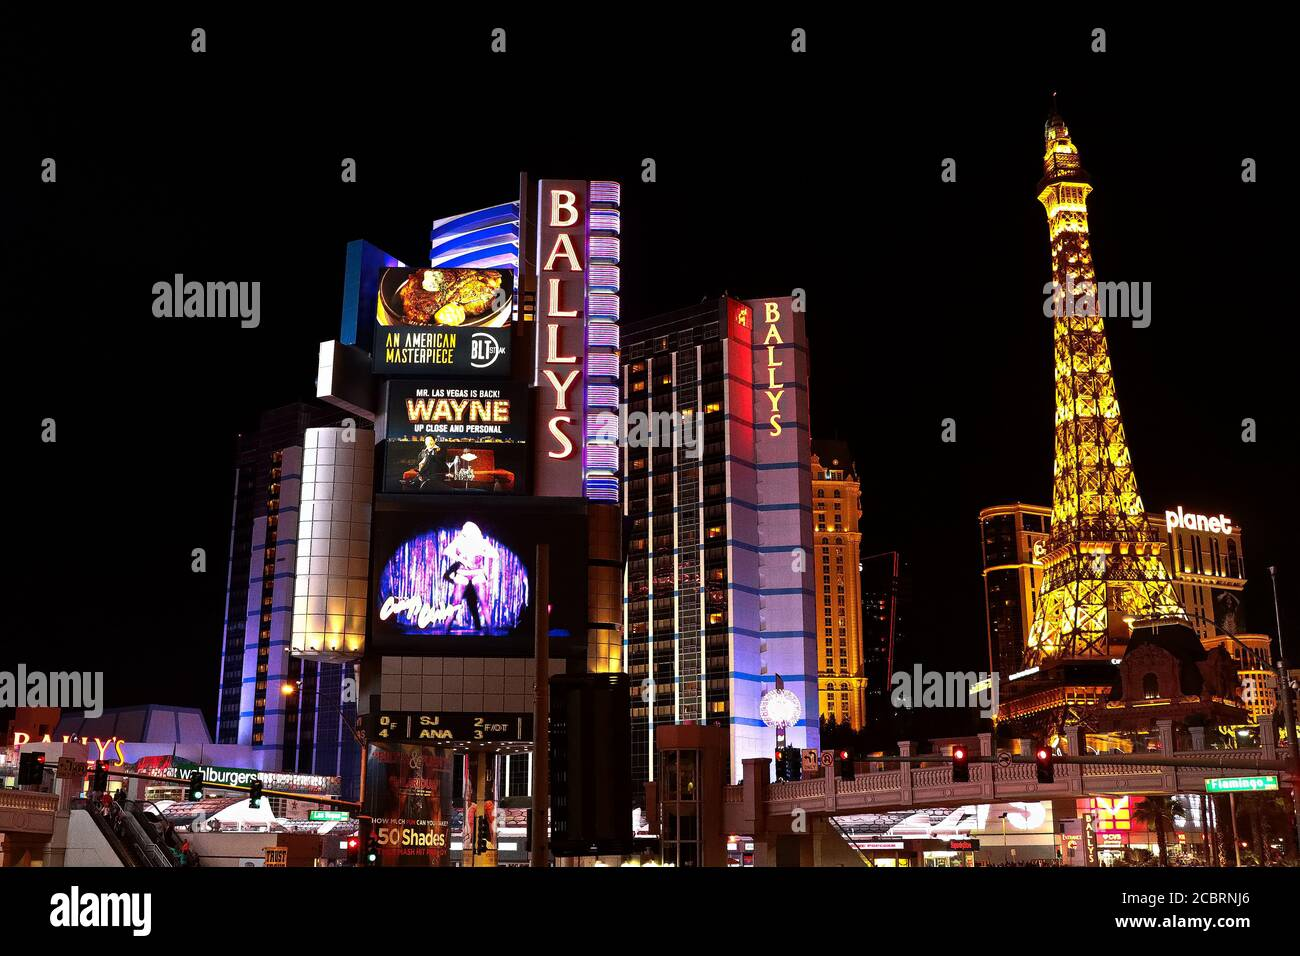 Panorama nocturne de Las Vegas Boulevard The Strip. Hôtels et casinos de Las Vegas capitale du jeu. Banque D'Images